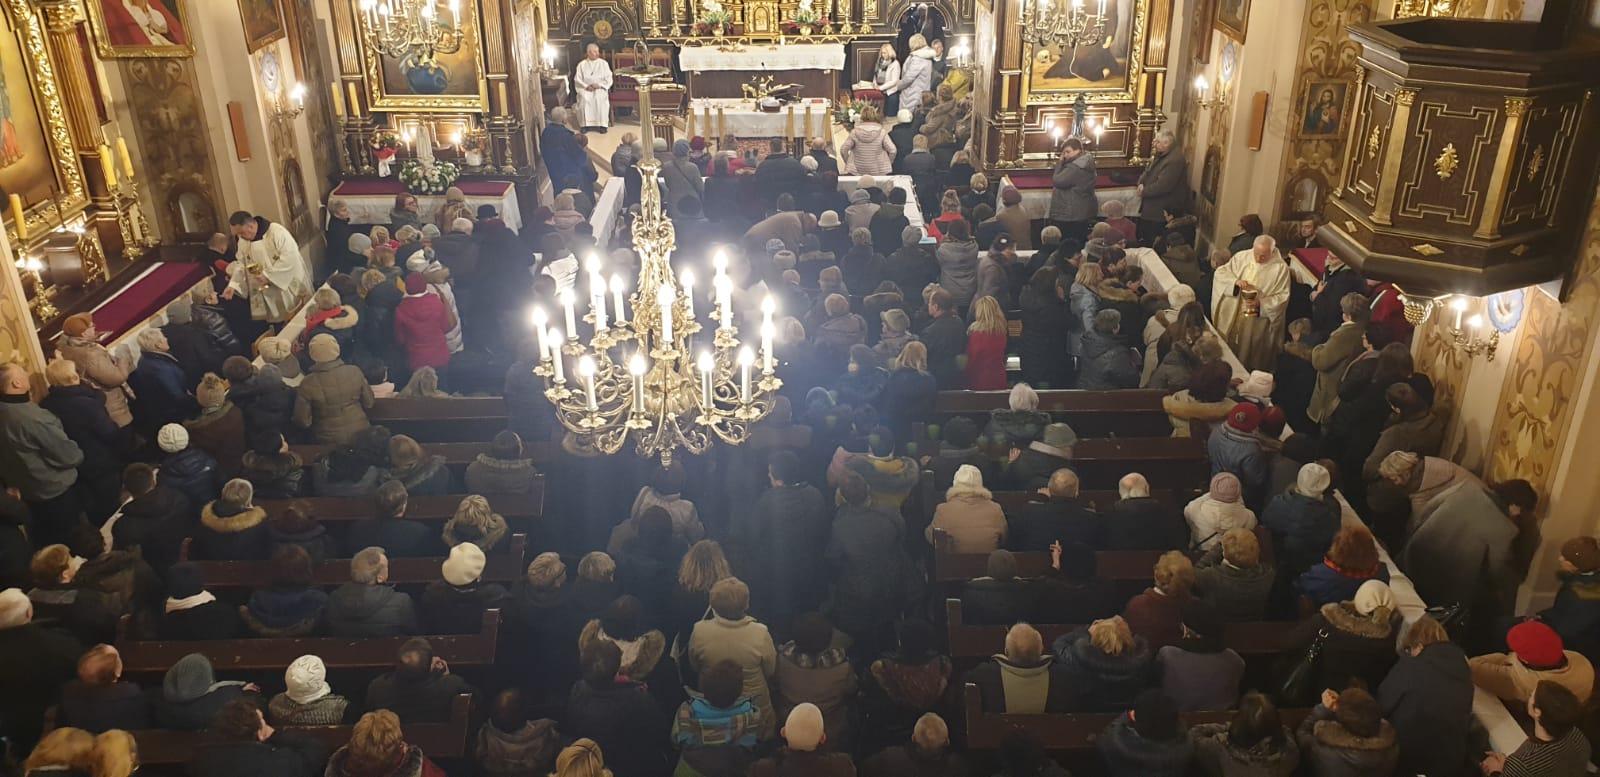 Kilkaset osób przybyło do klasztoru w Kętach, by uczestniczyć w specjalnej mszy o uzdrowienie [FOTO]